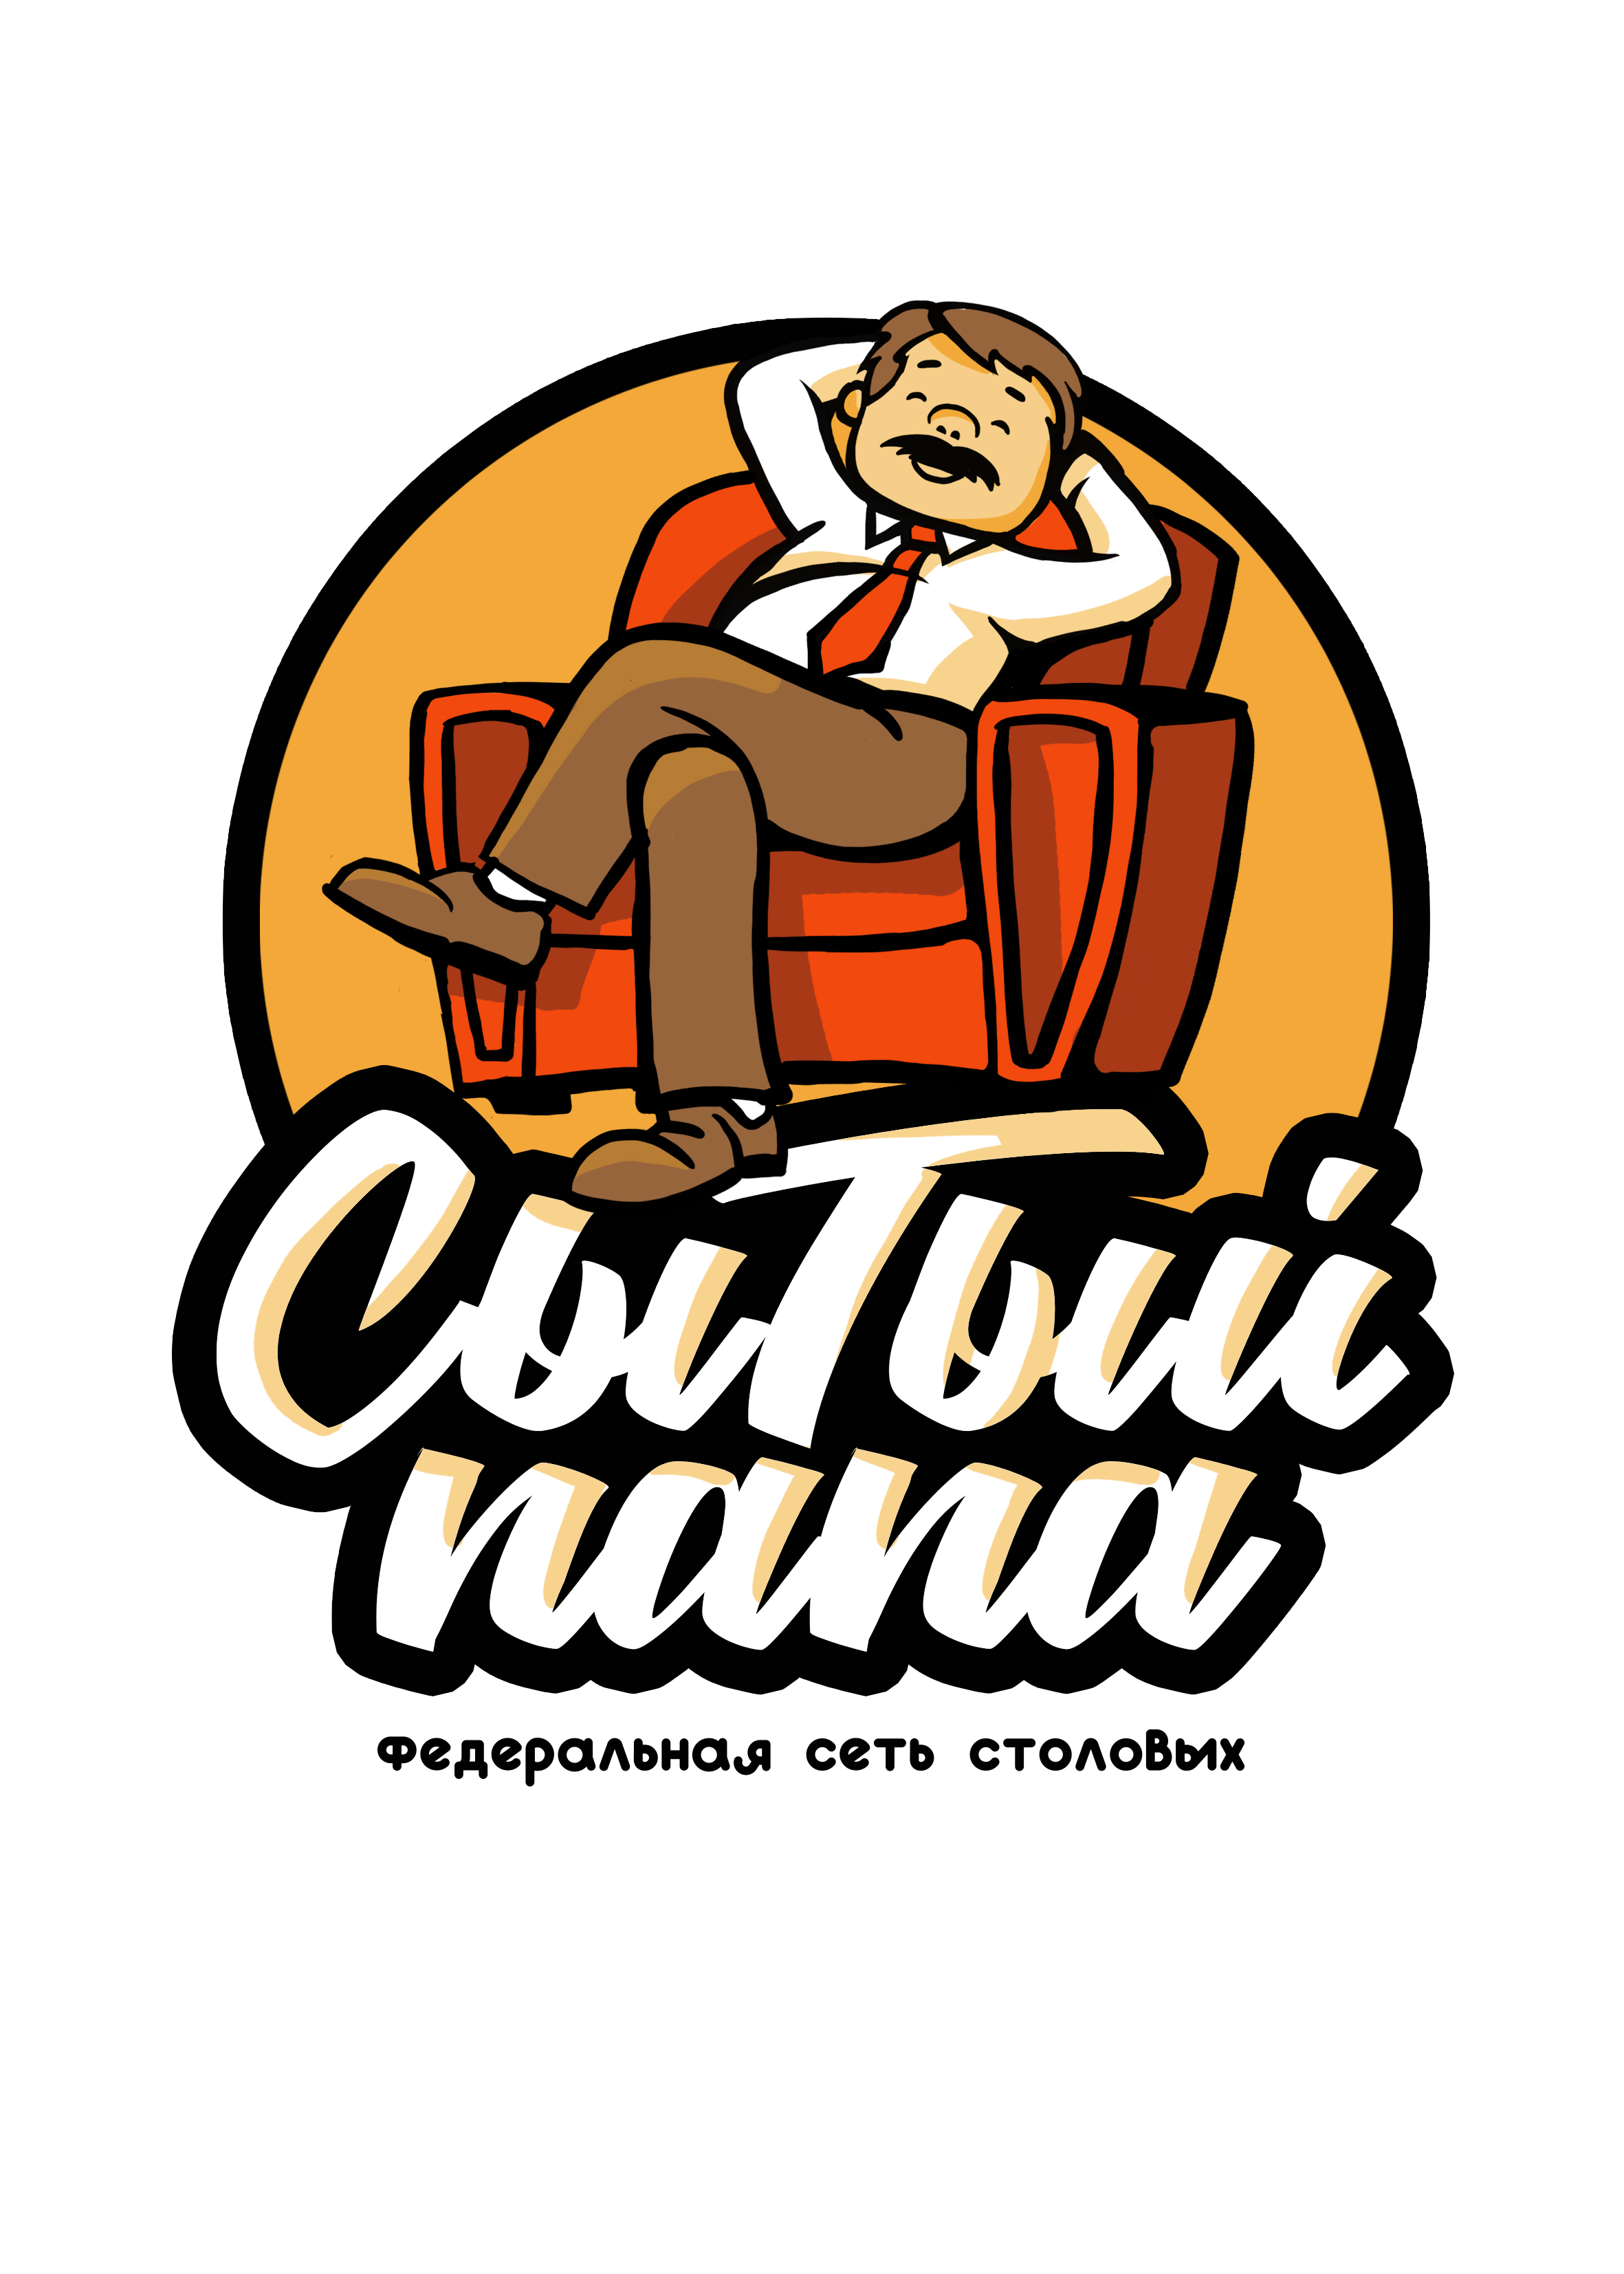 Графический дизайнер ЛОГОТИП и ФИРМЕННЫЙ СТИЛЬ фото f_2055e770938d0a80.jpg